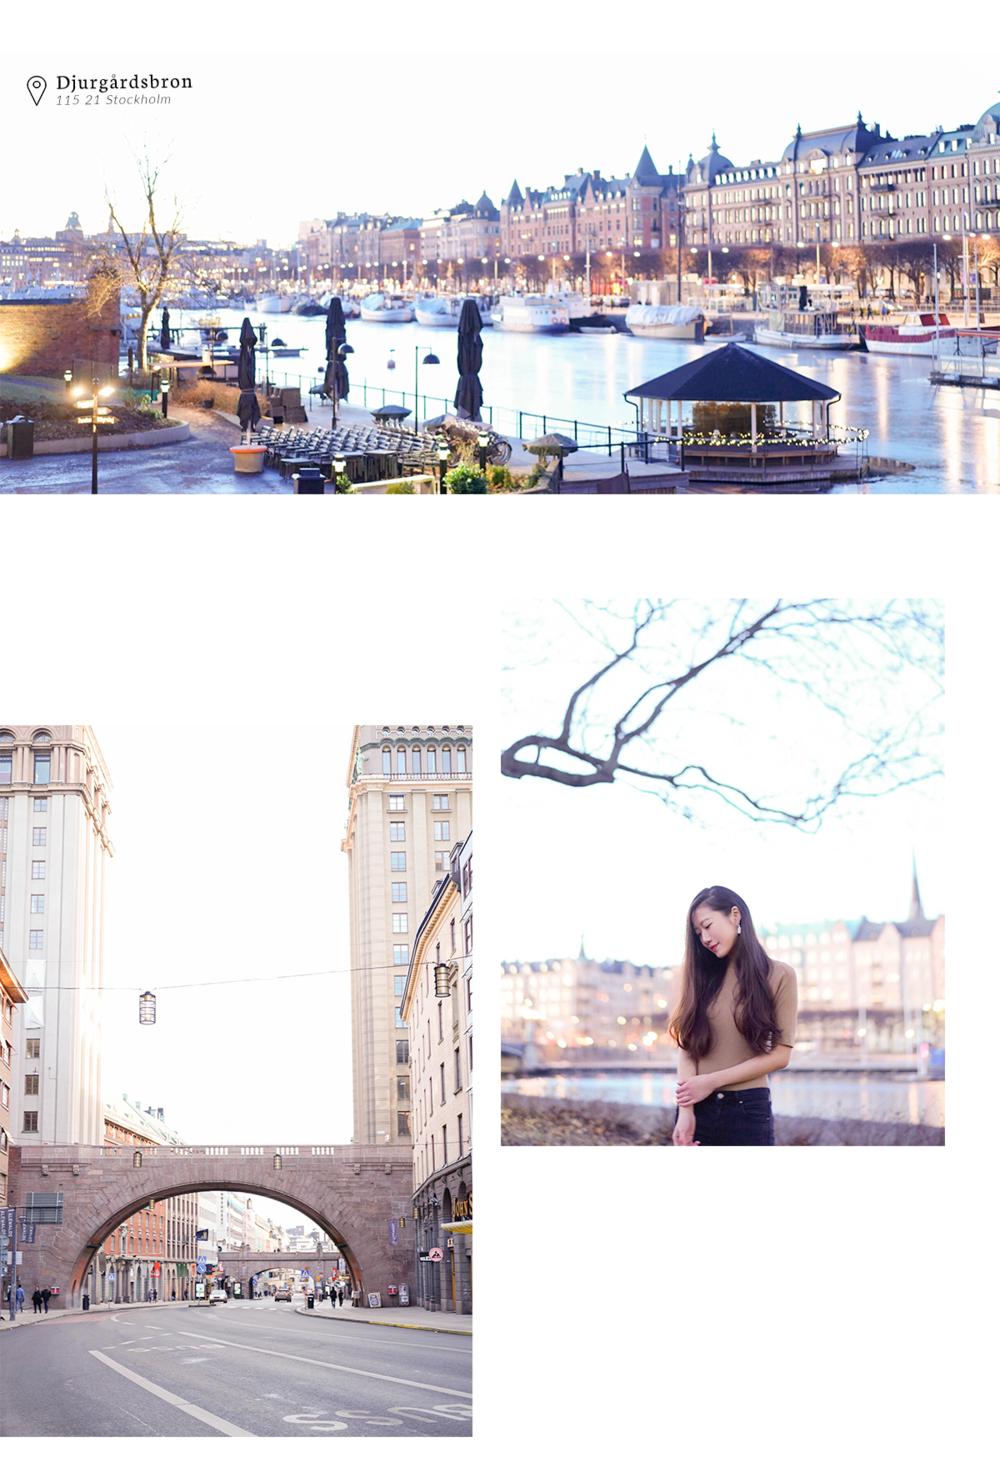 What to do in STOCKHOLM, Sweden? Djurgårsbron